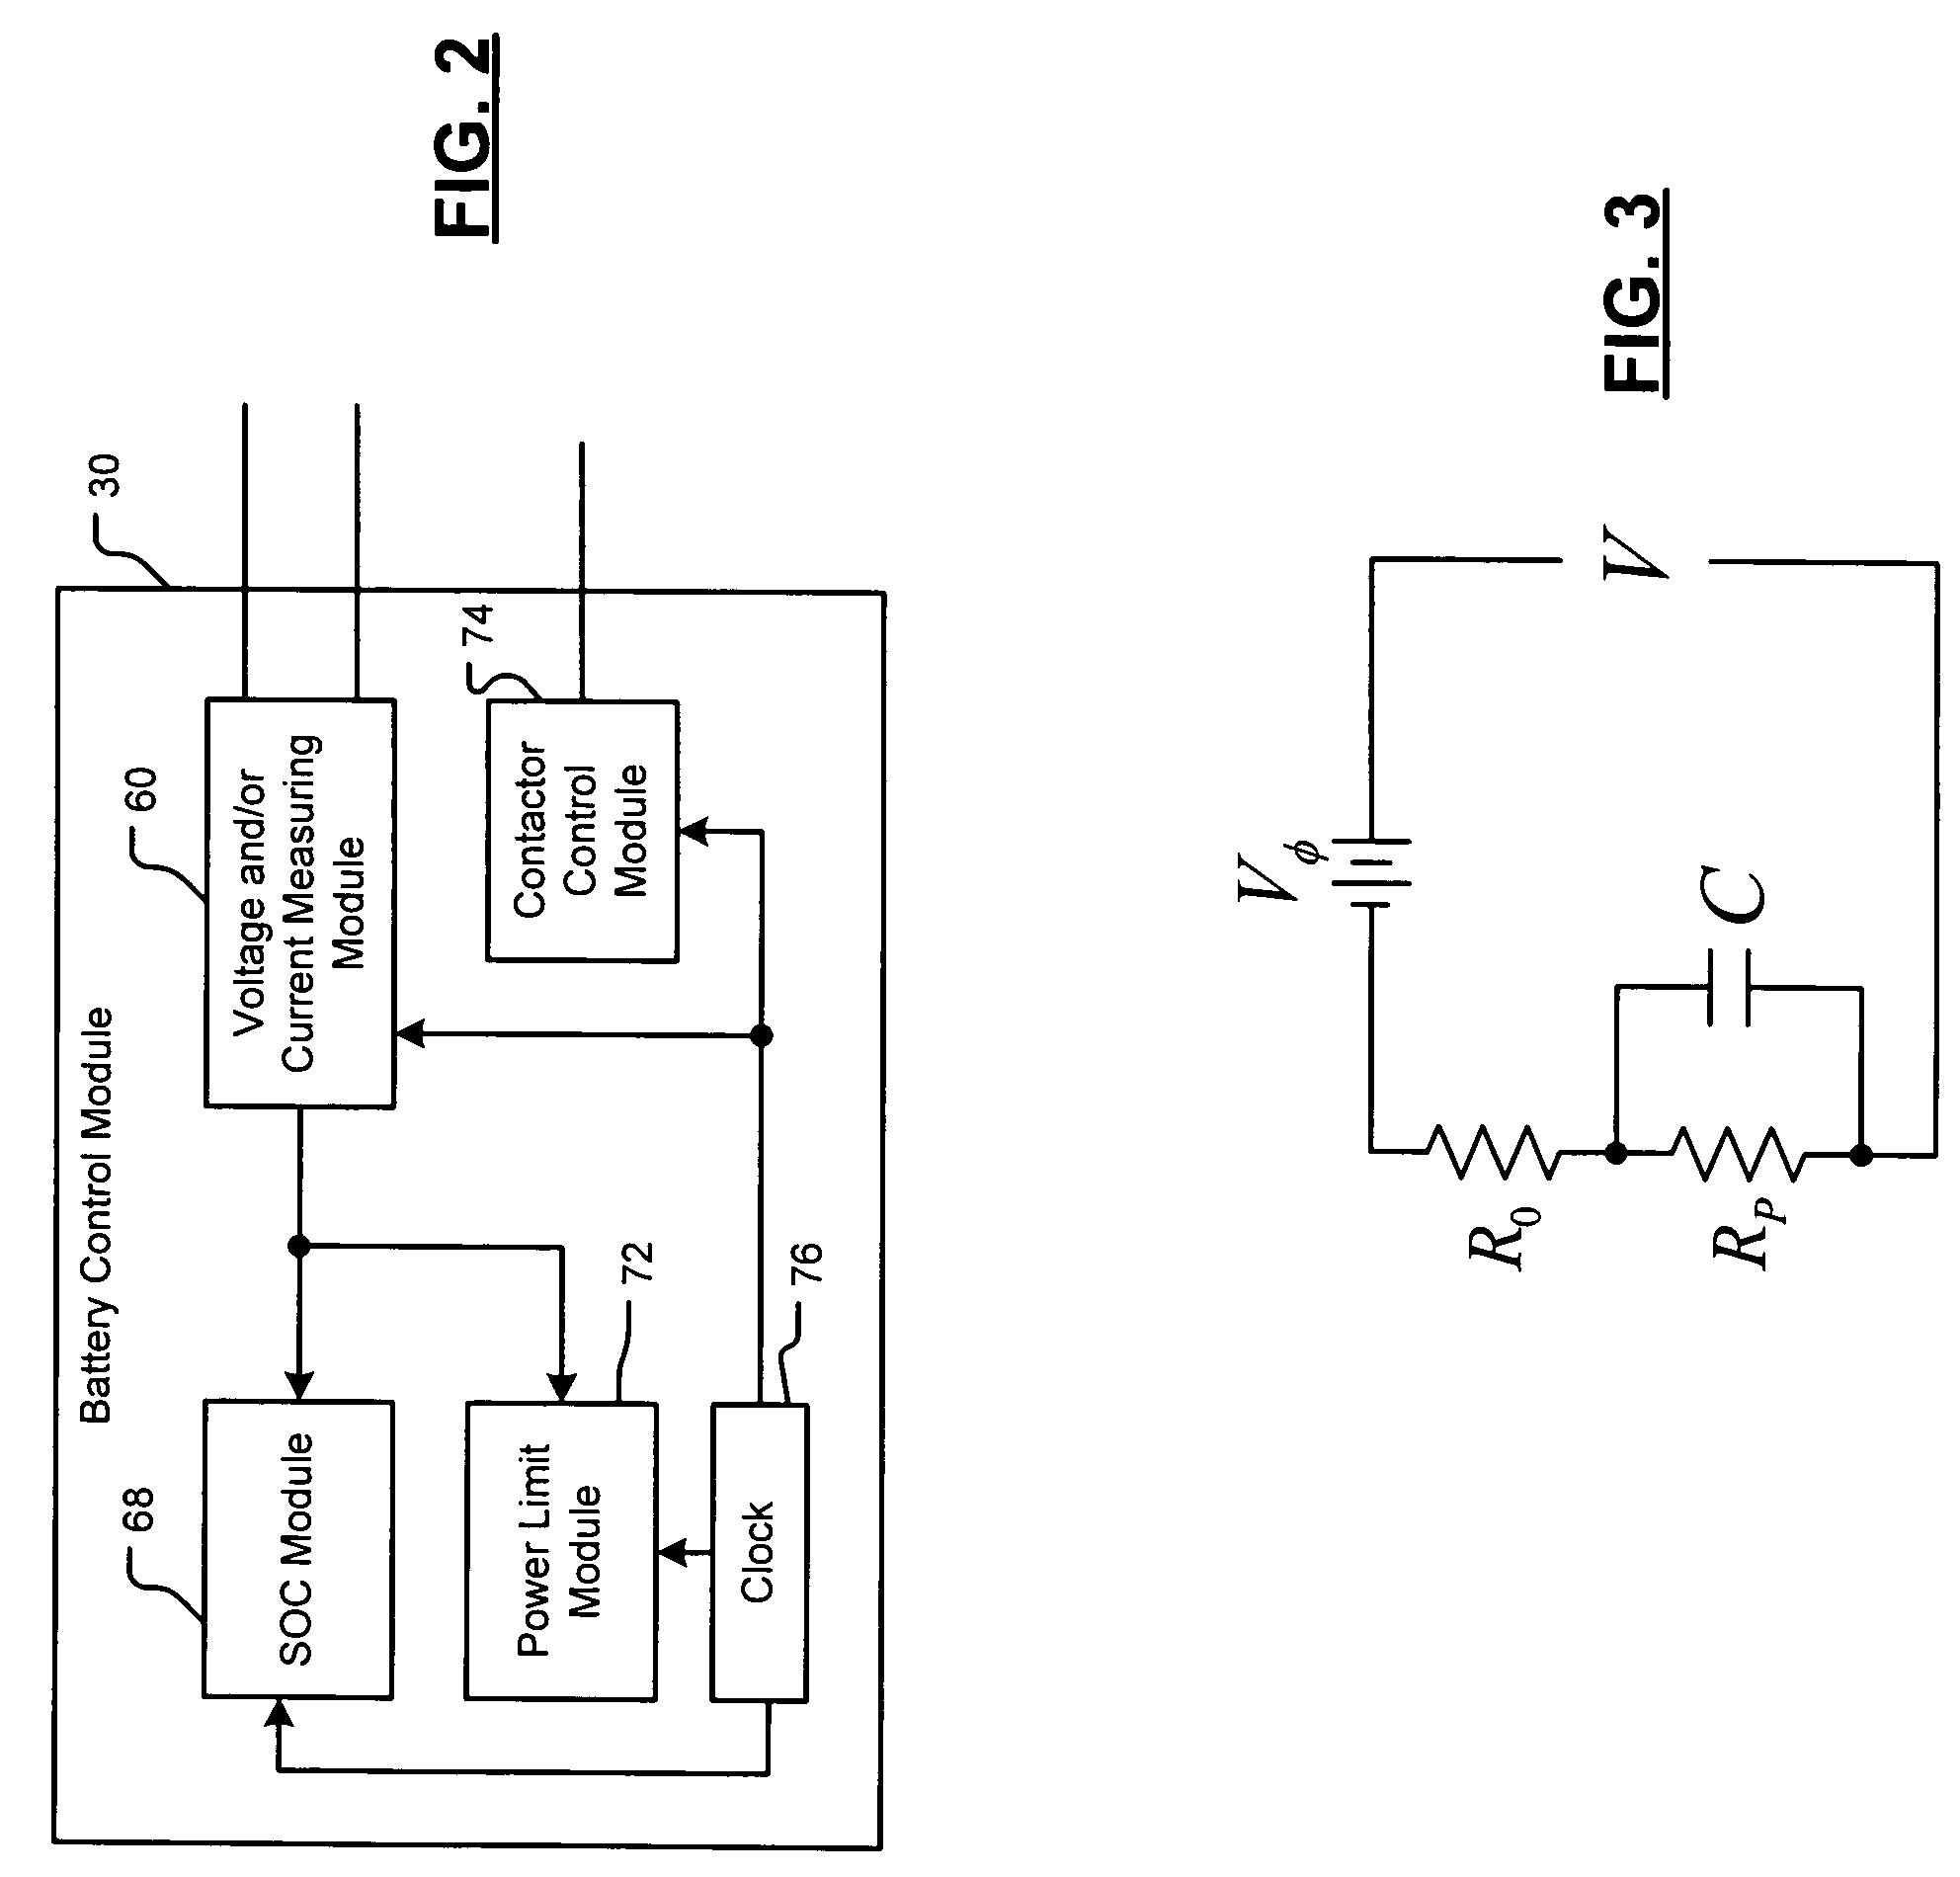 patent us7209841